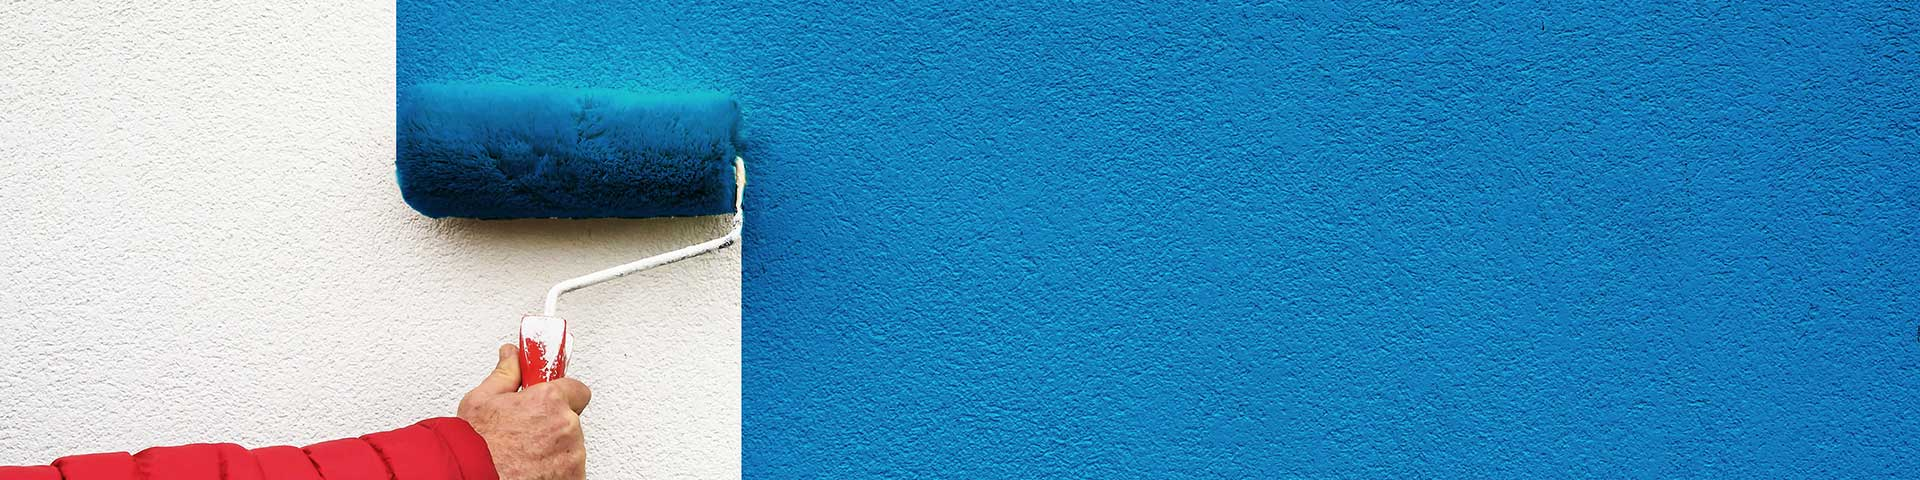 mężczyzna maluje ścianę wałkiem na niebiesko